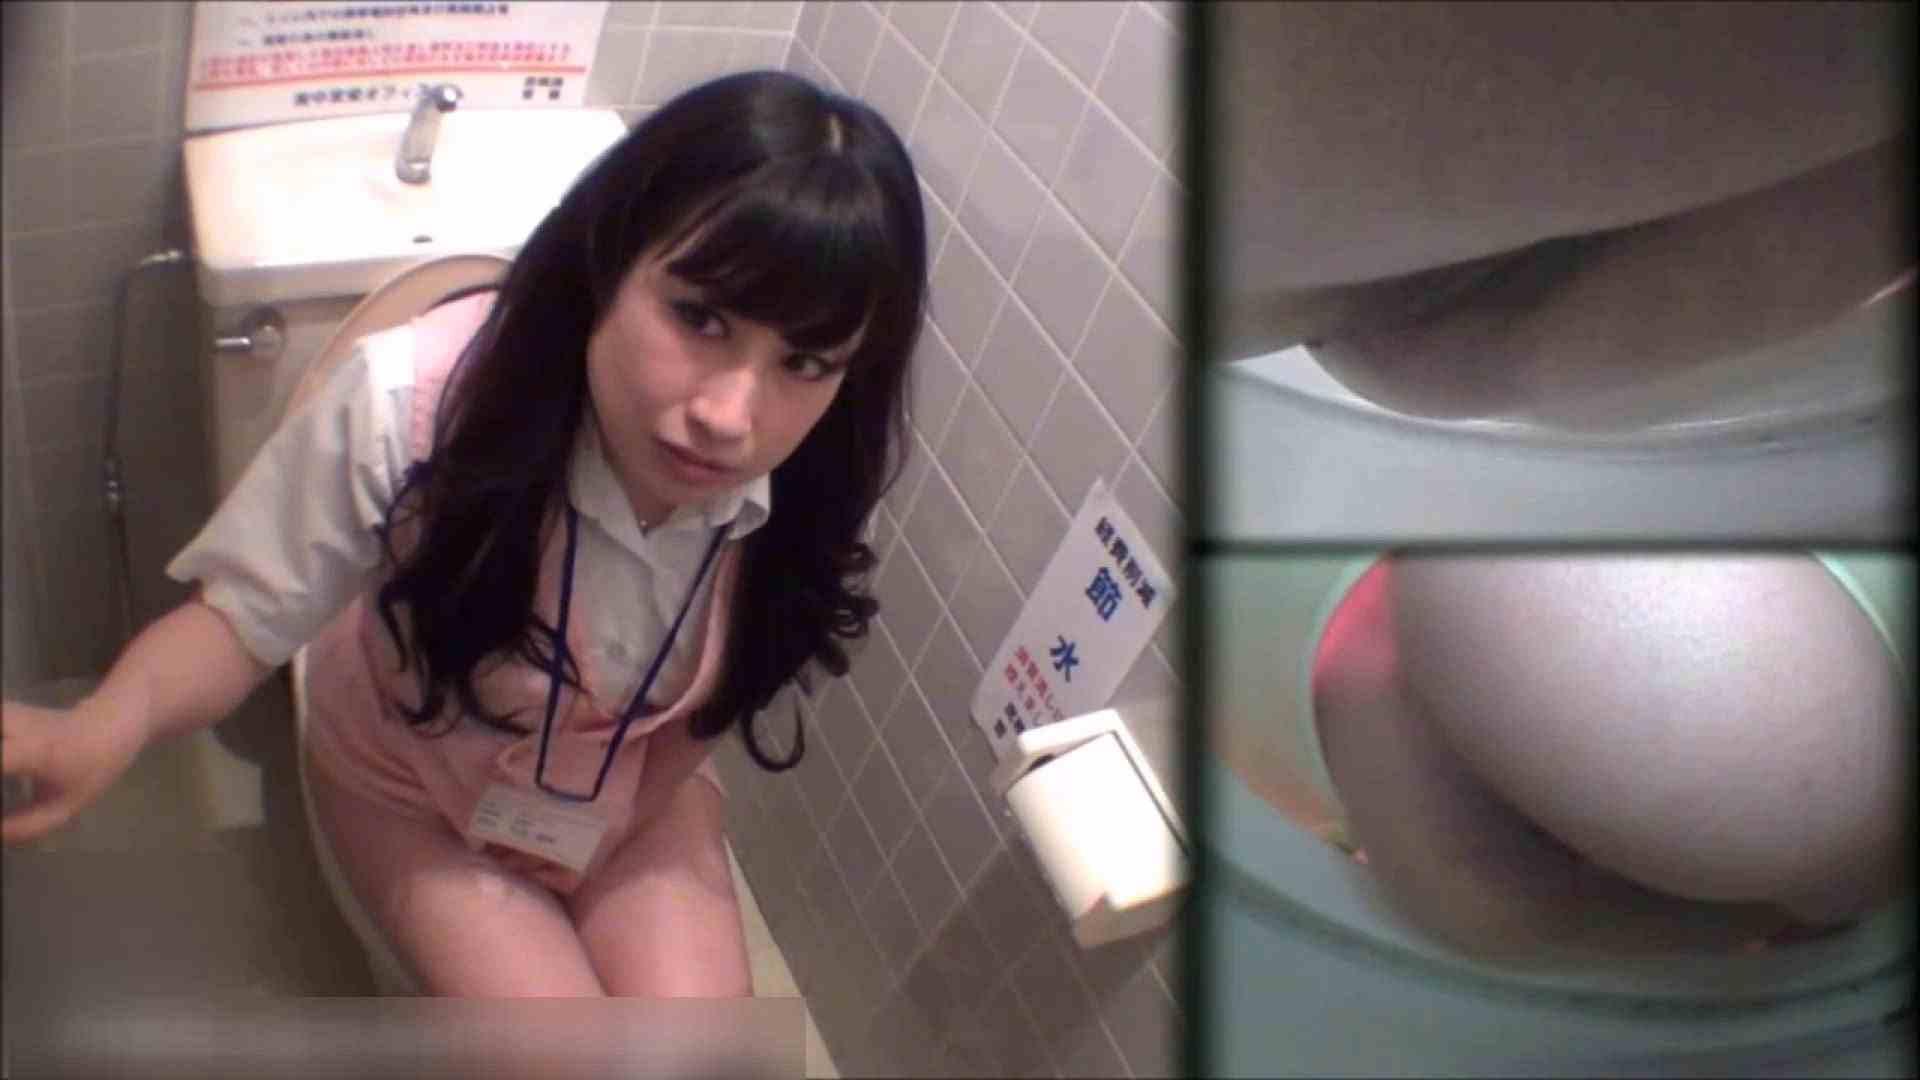 洗面所盗撮~隣の美人お姉さんVol.24 ギャルエロ画像 AV無料 83PICs 24